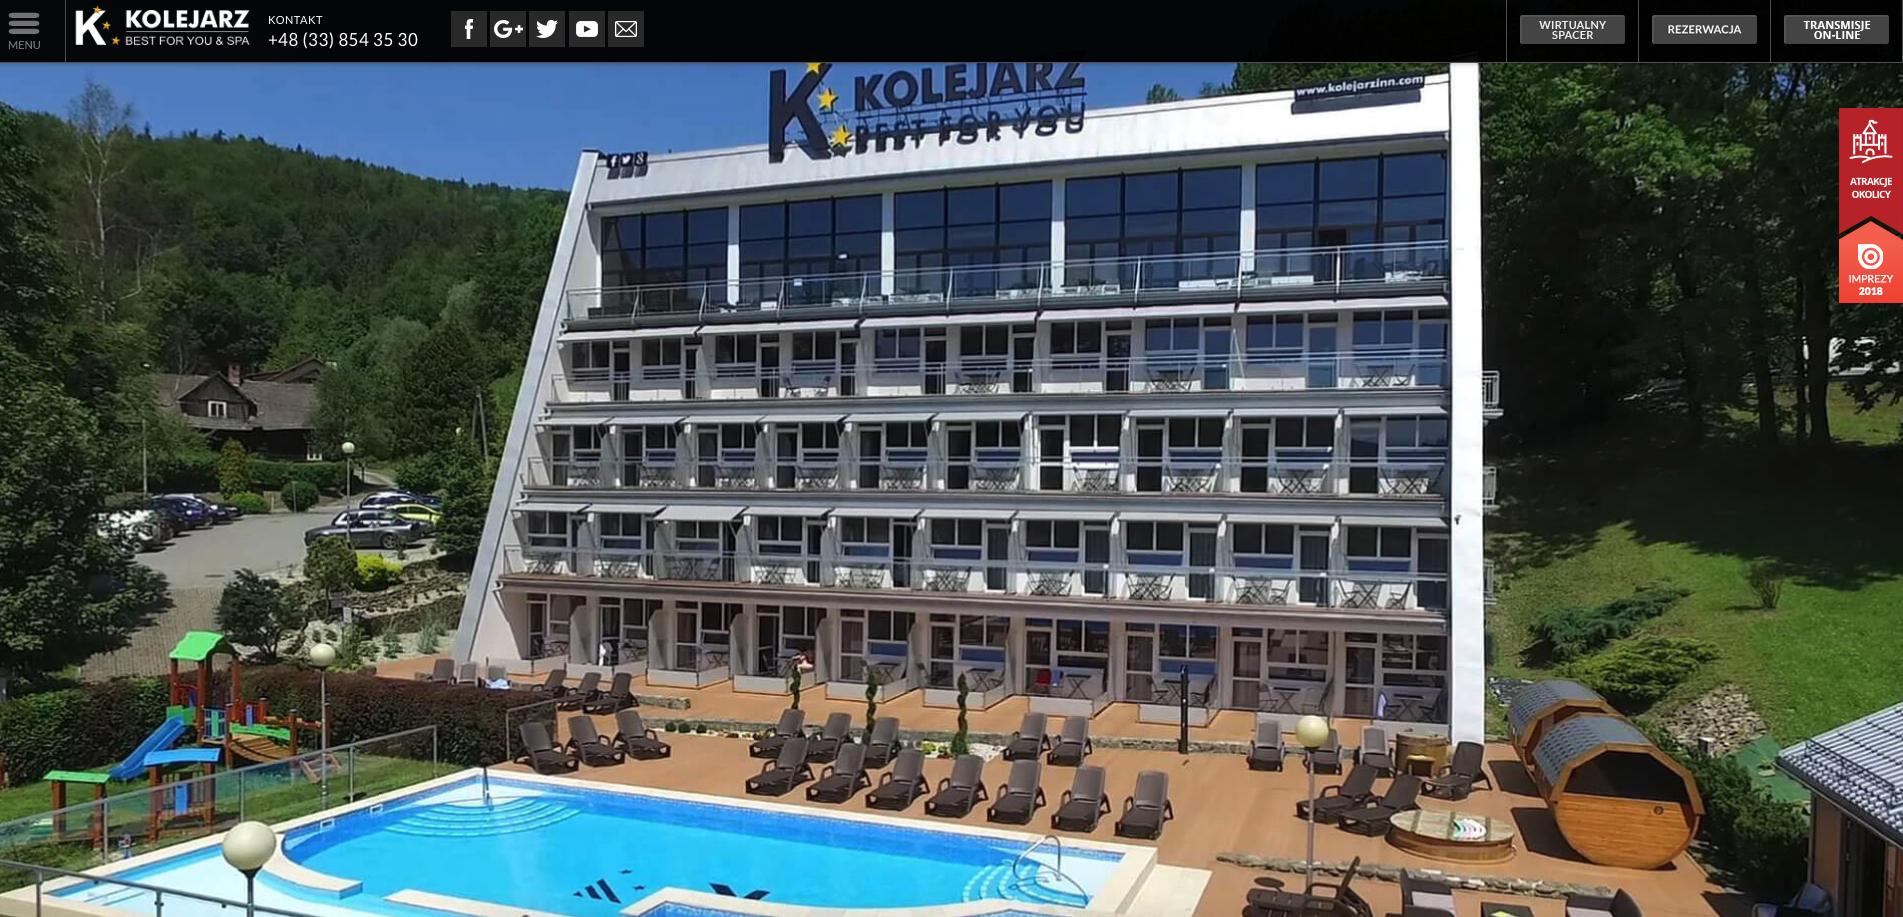 Zrzut ekranu 2018-09-13 o 17-33-34.png